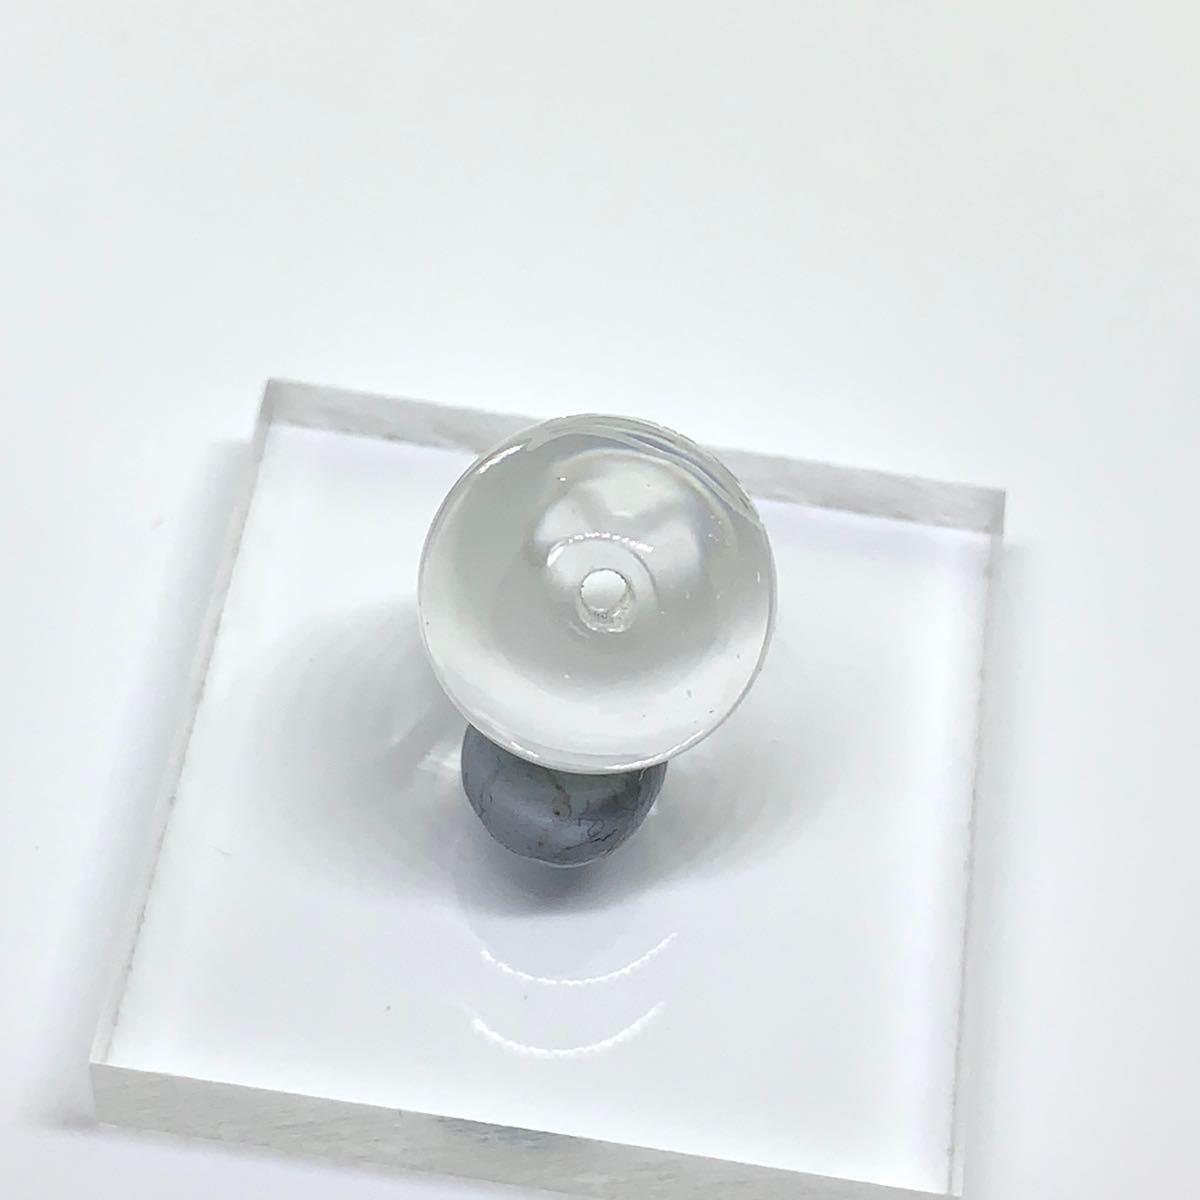 アマビエ様 天然石水晶彫 ビーズ 10mm 2粒セット 期間限定品